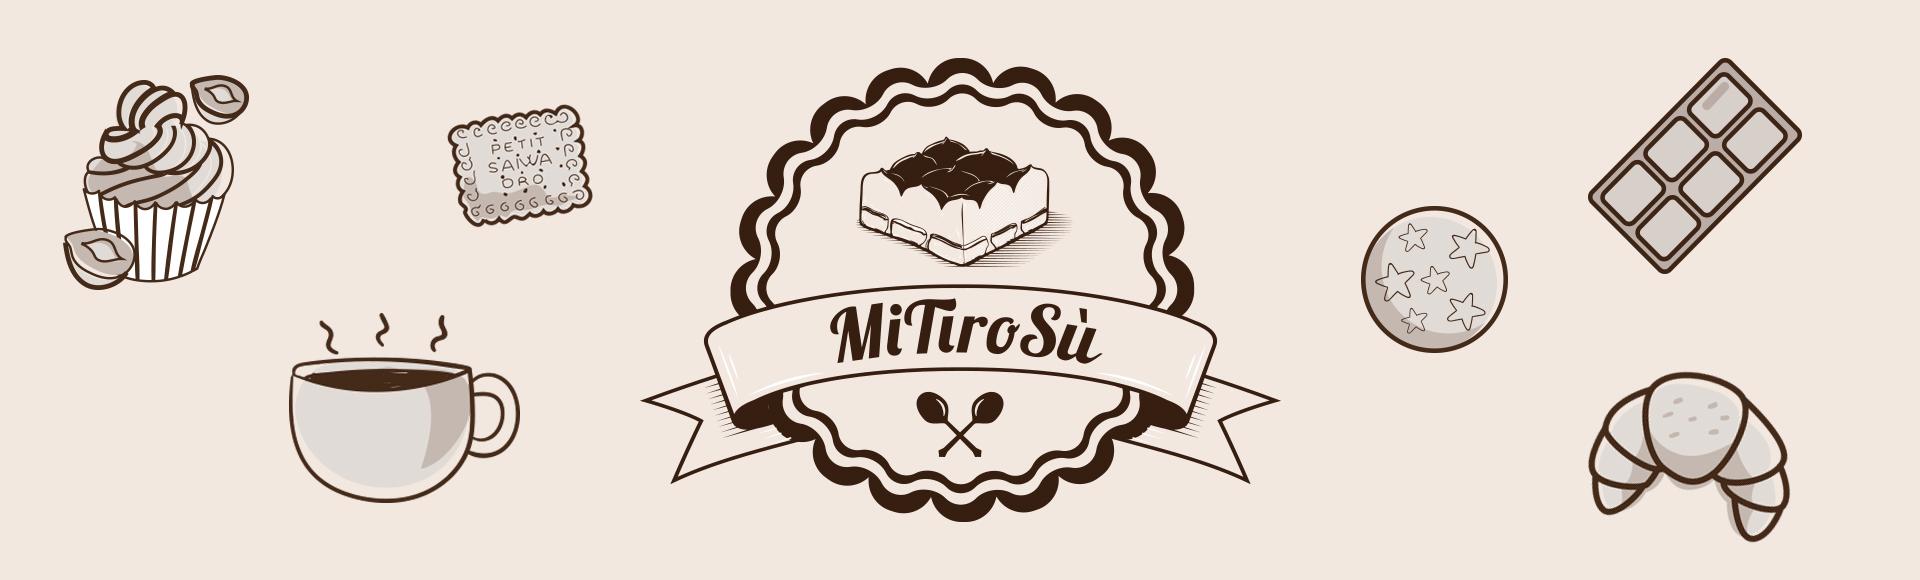 imm_4310_mitirosu-copertina2.jpg